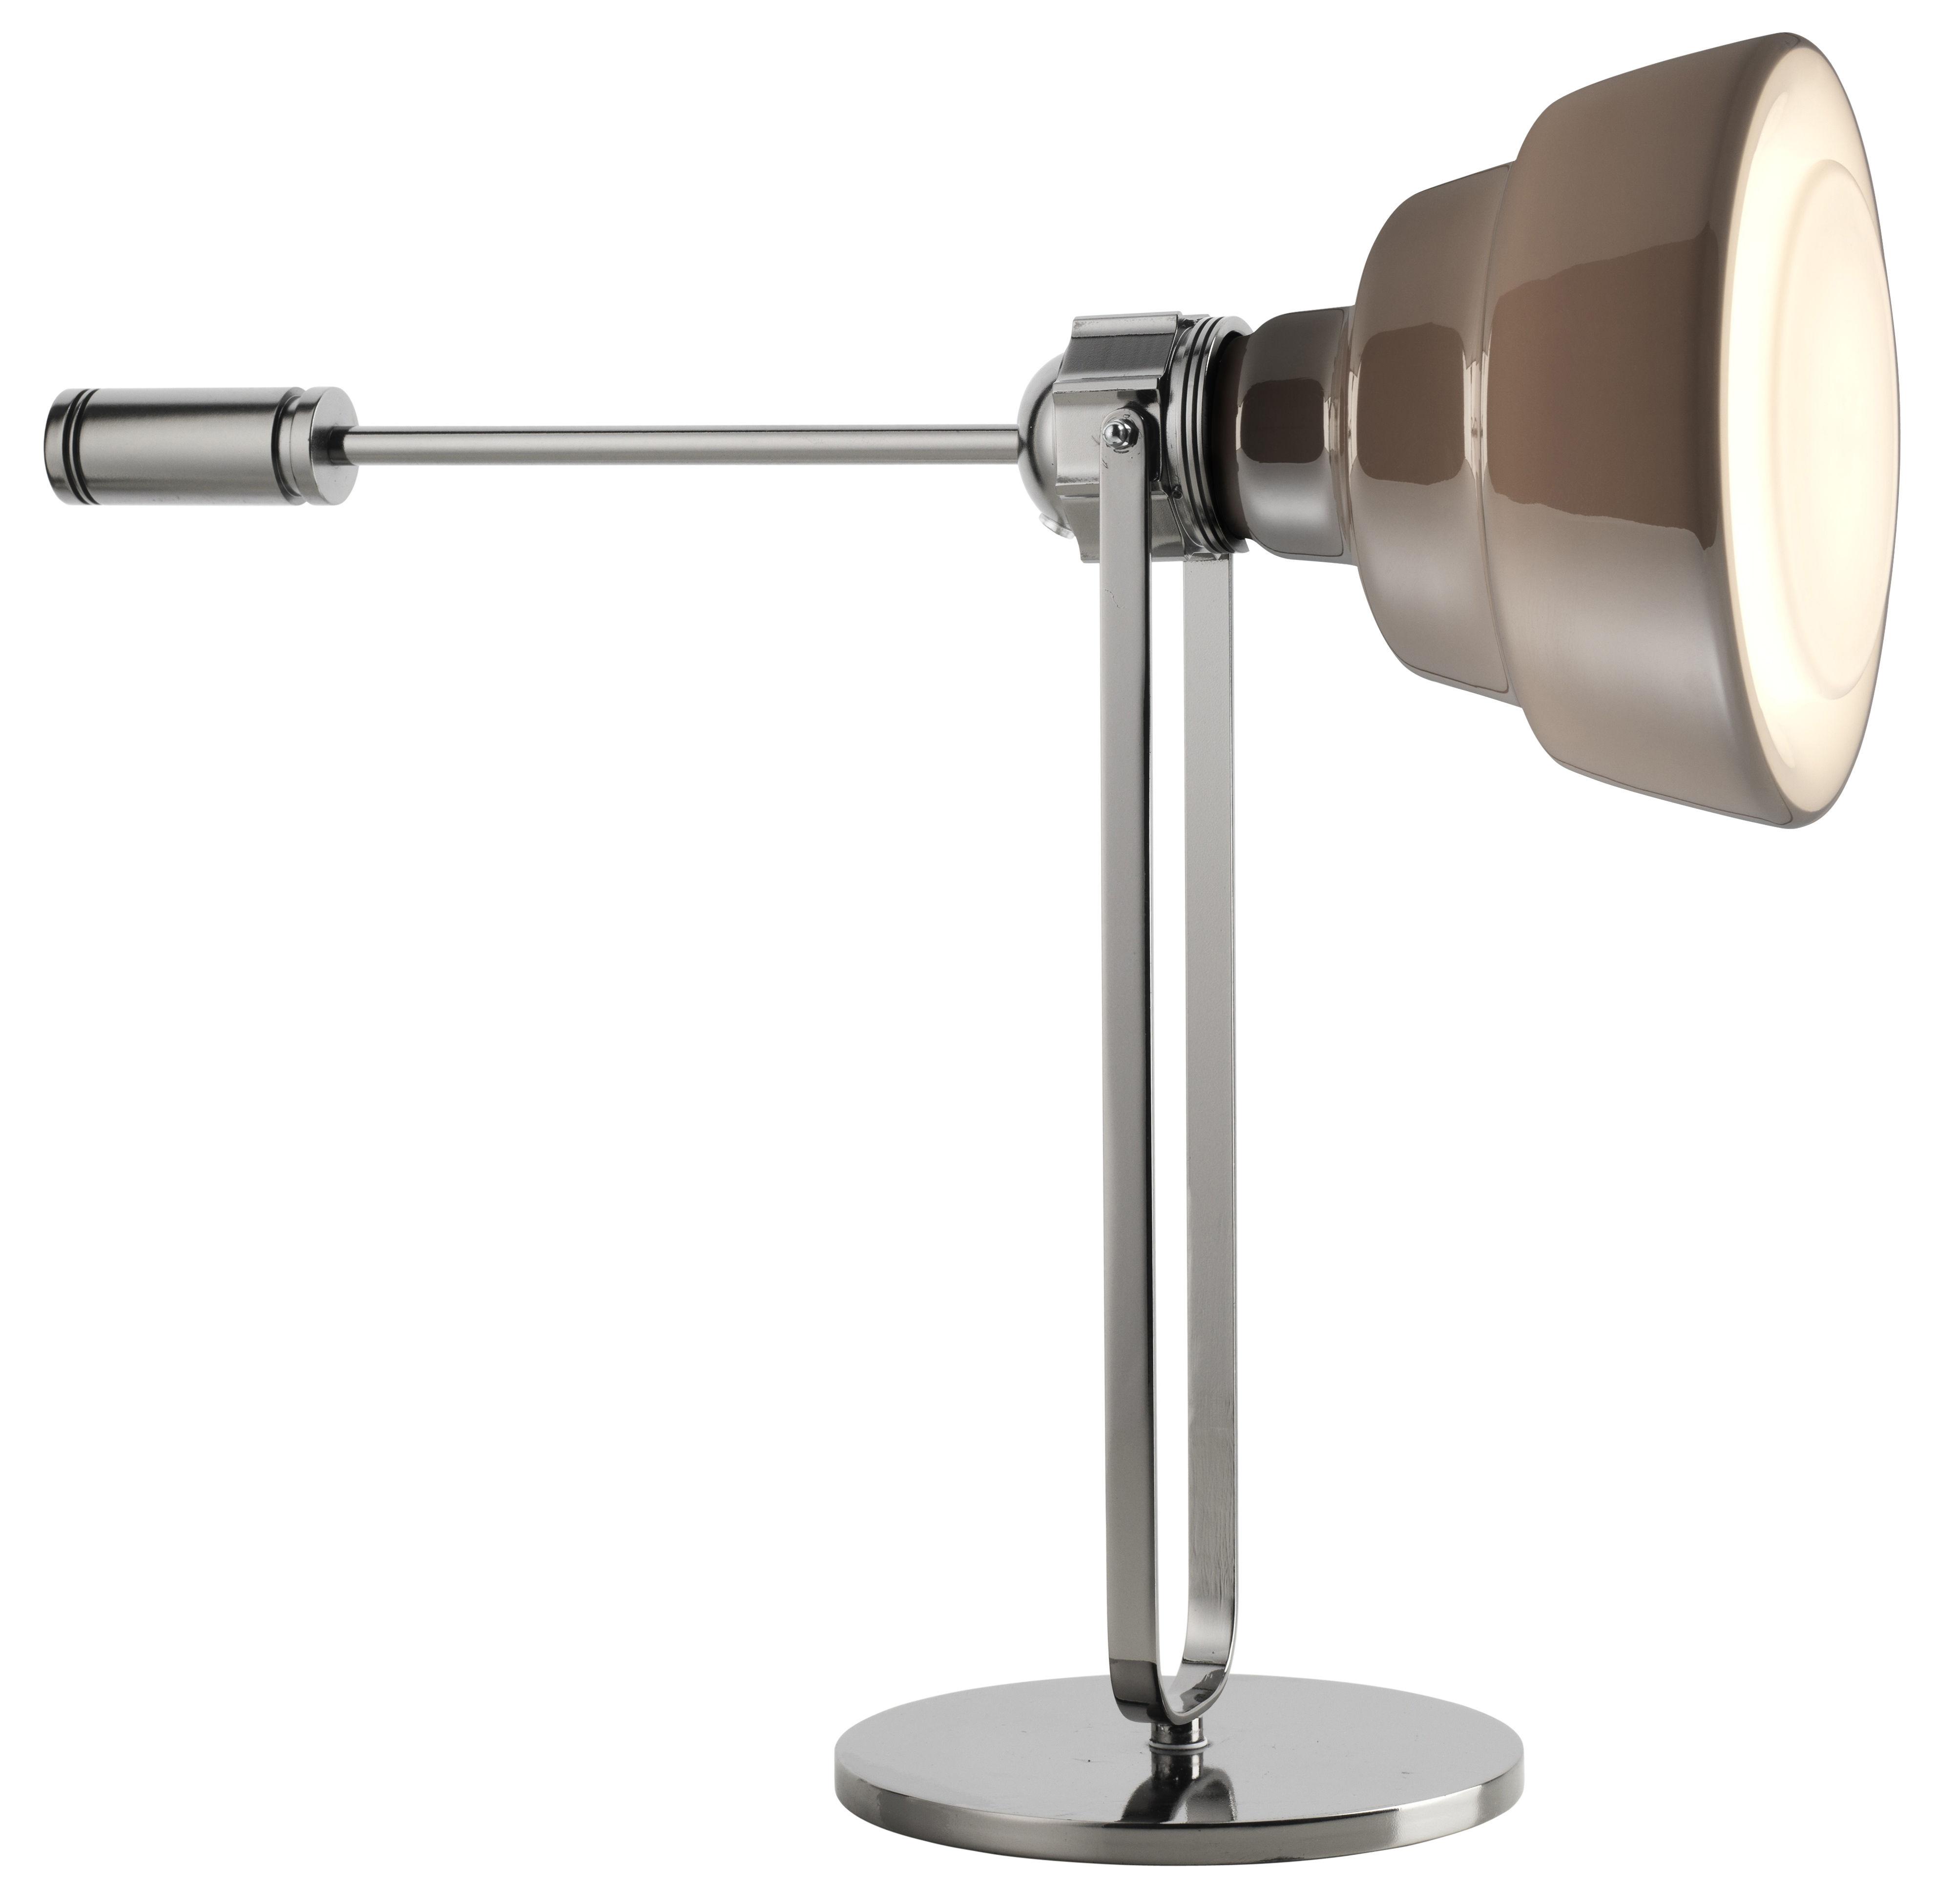 Illuminazione - Lampade da tavolo - Lampada da tavolo Glas di Diesel with Foscarini - Cromato/marrone - Metallo cromato, vetro soffiato